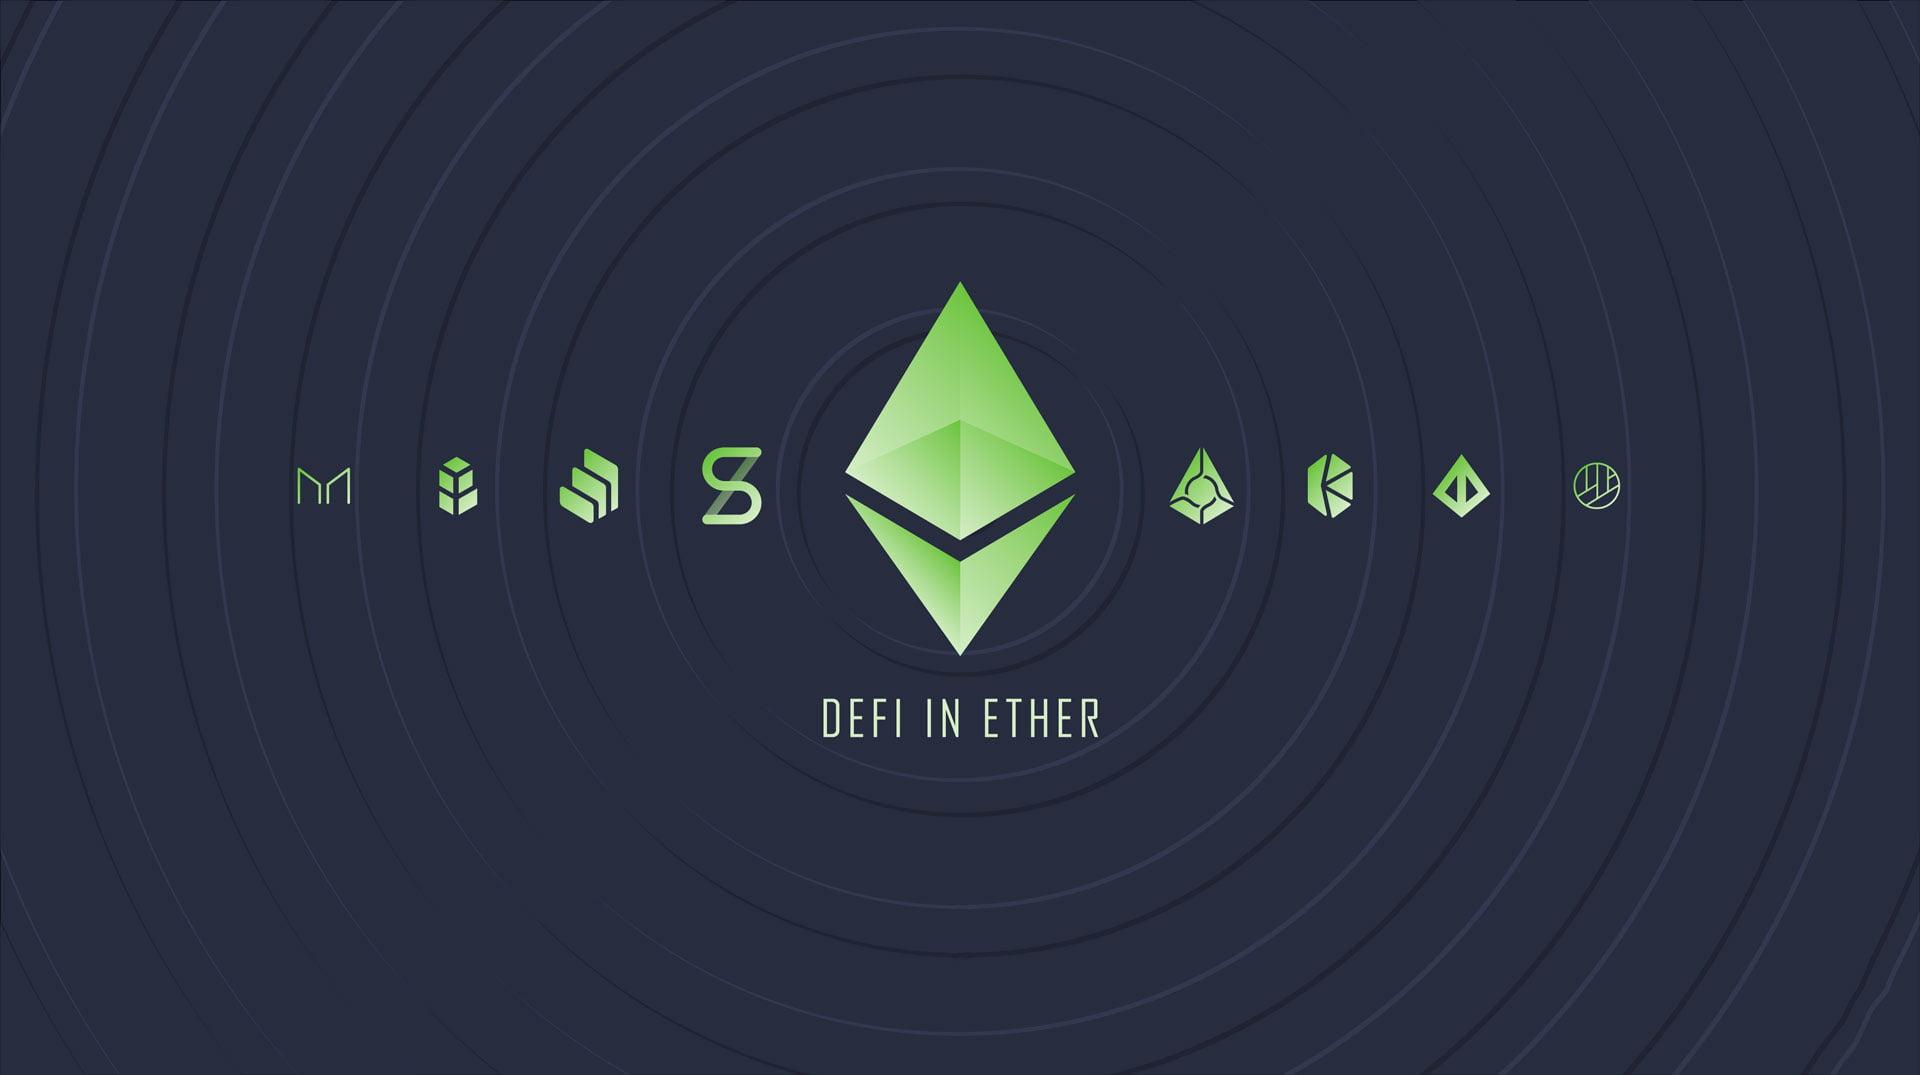 96% транзакций DeFi-проектов проводятся в сети Ethereum